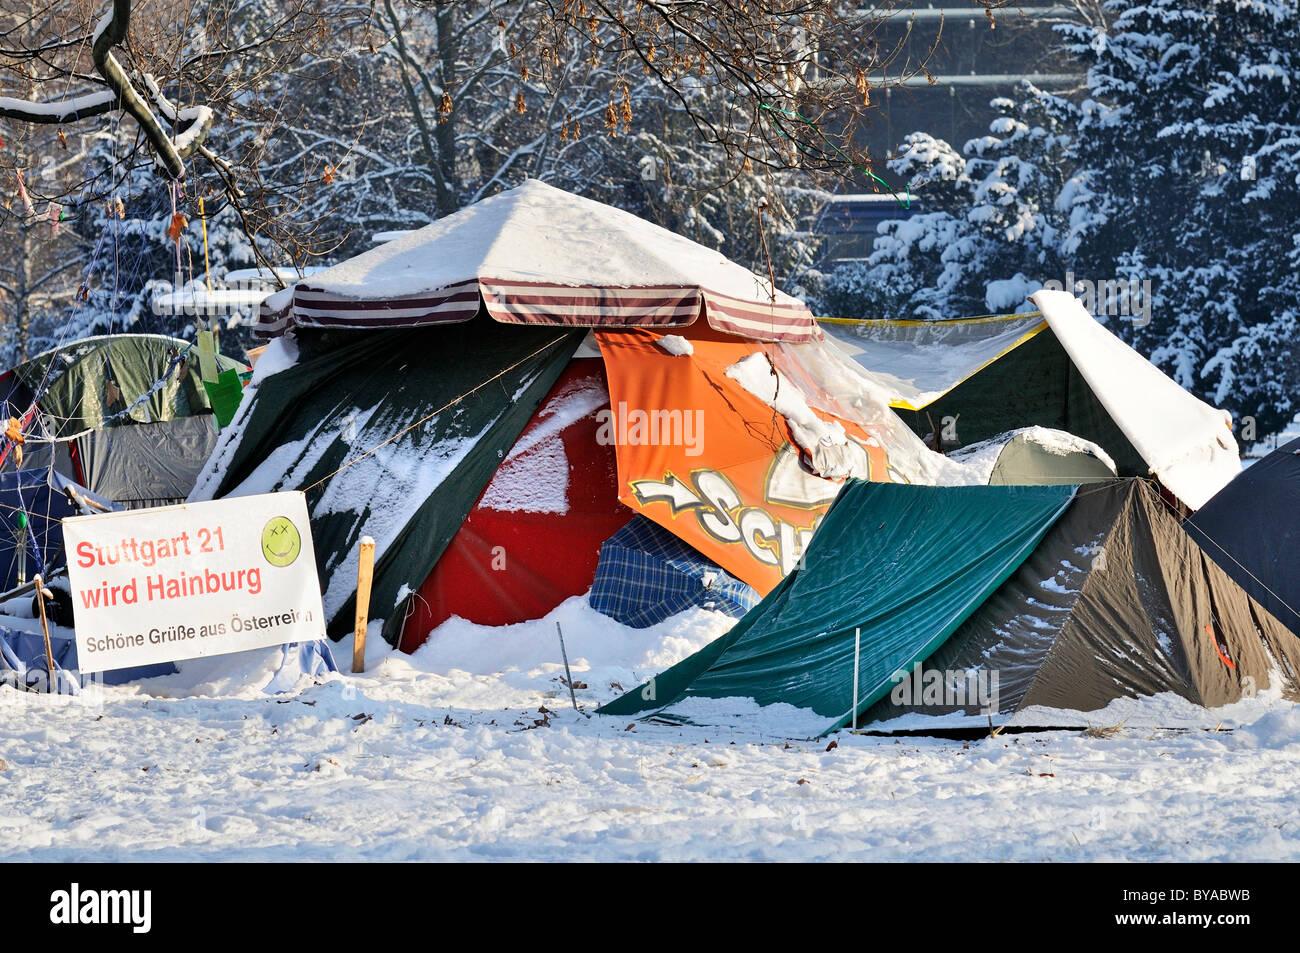 Protest gegen Stuttgart 21, eine umstrittene Stadtprojekt Entwicklung und Verkehr, Zelte, der Parkschuetzer Demonstranten Stockbild